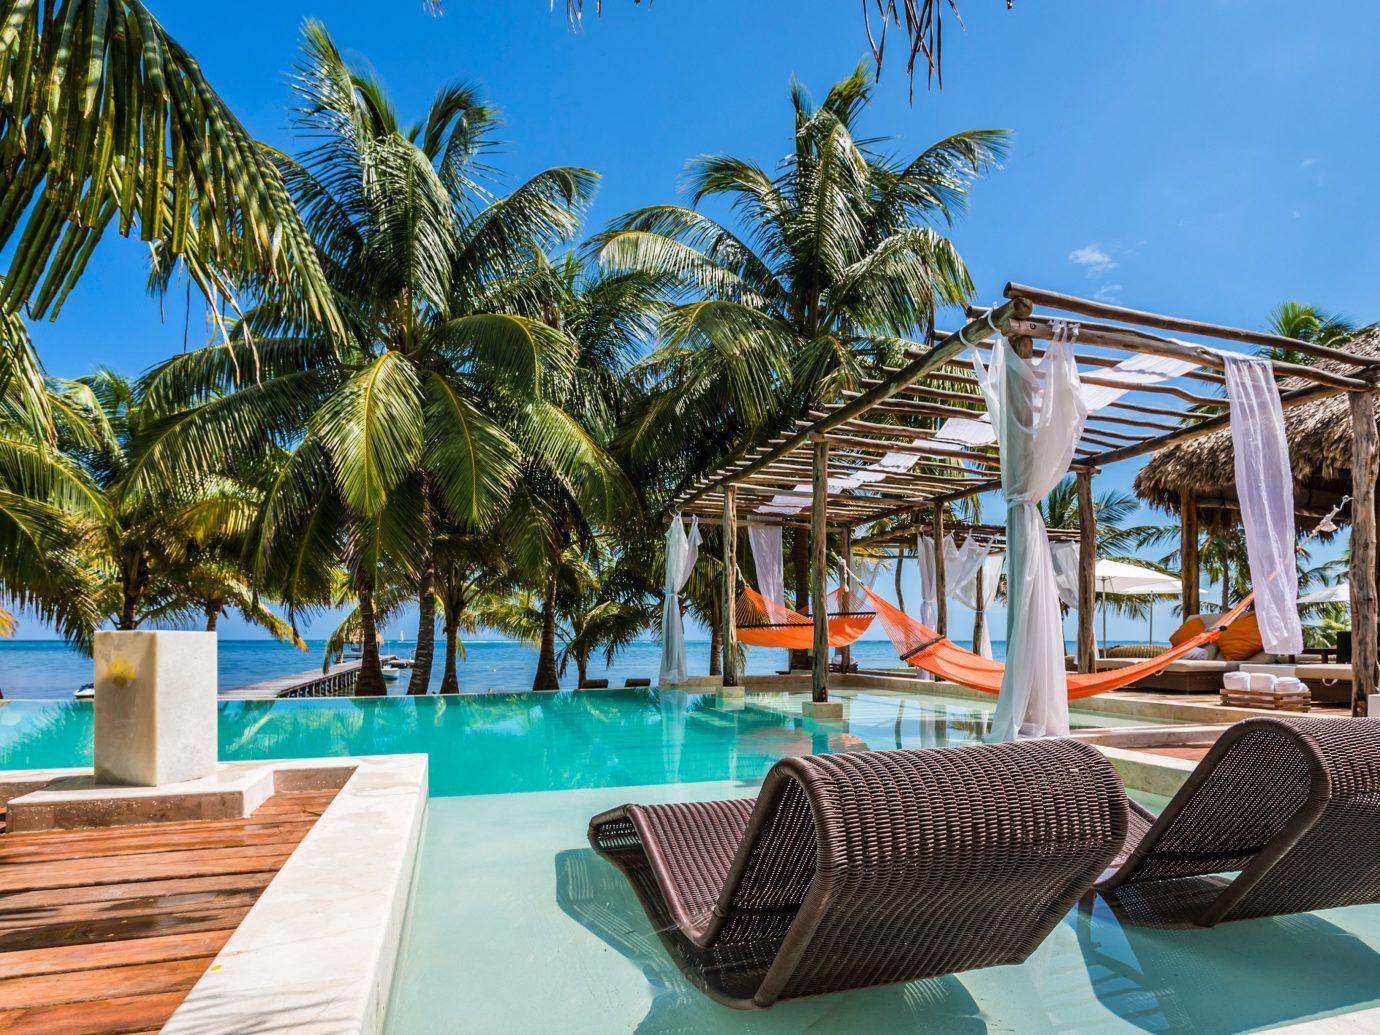 Infinity Pool In San Pedro, Belize - El Secreto Hotel